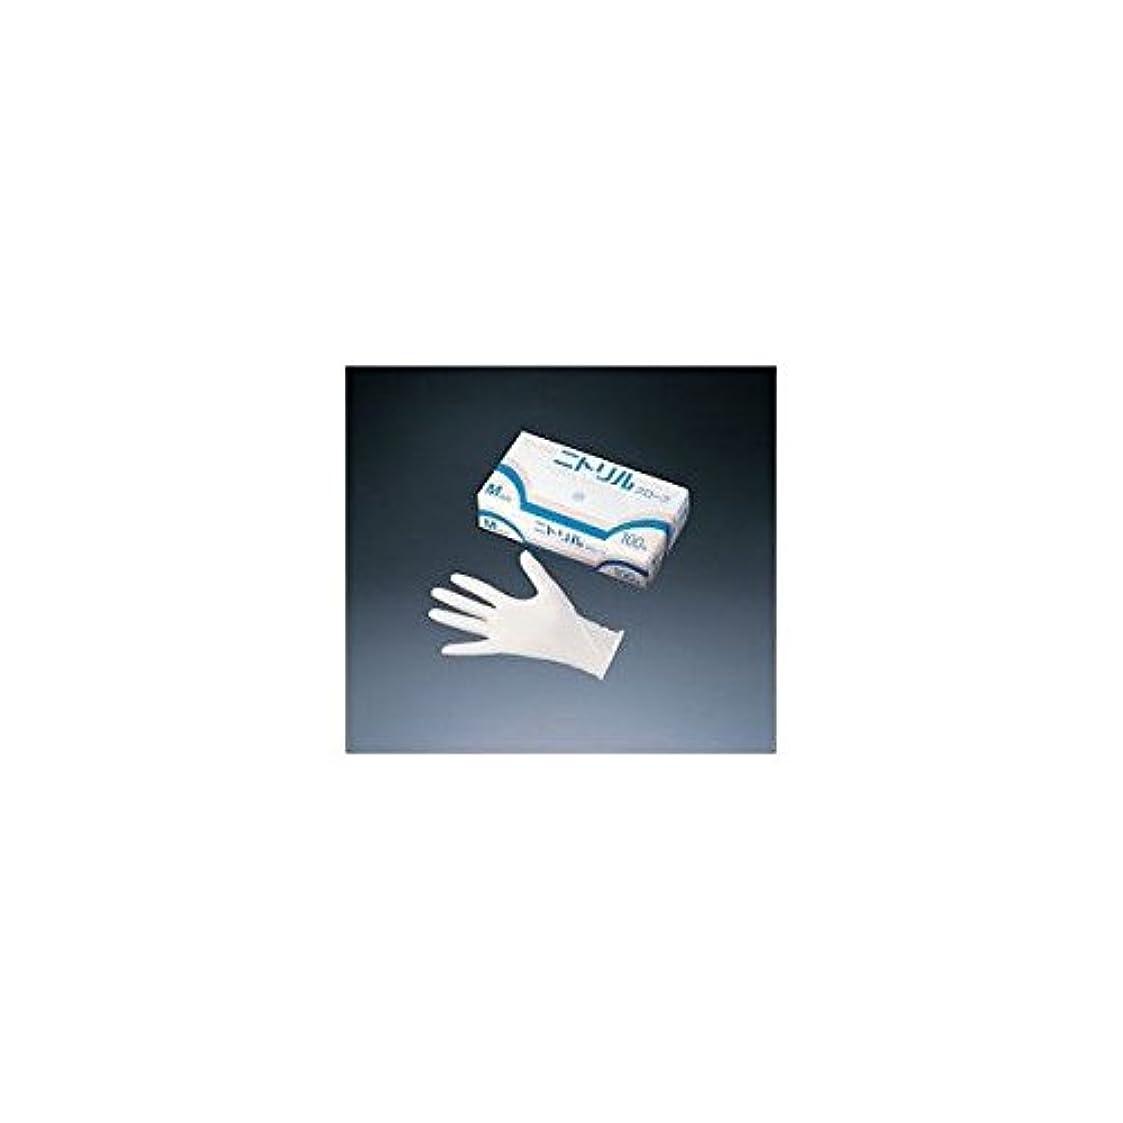 交差点マージン私たちの旭創業 ニトリルグローブ ホワイト (100枚セット) S